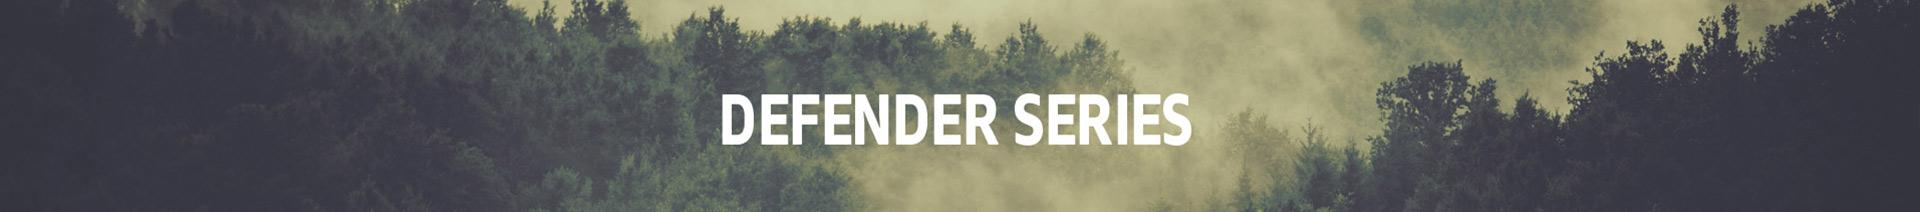 defender_banner1